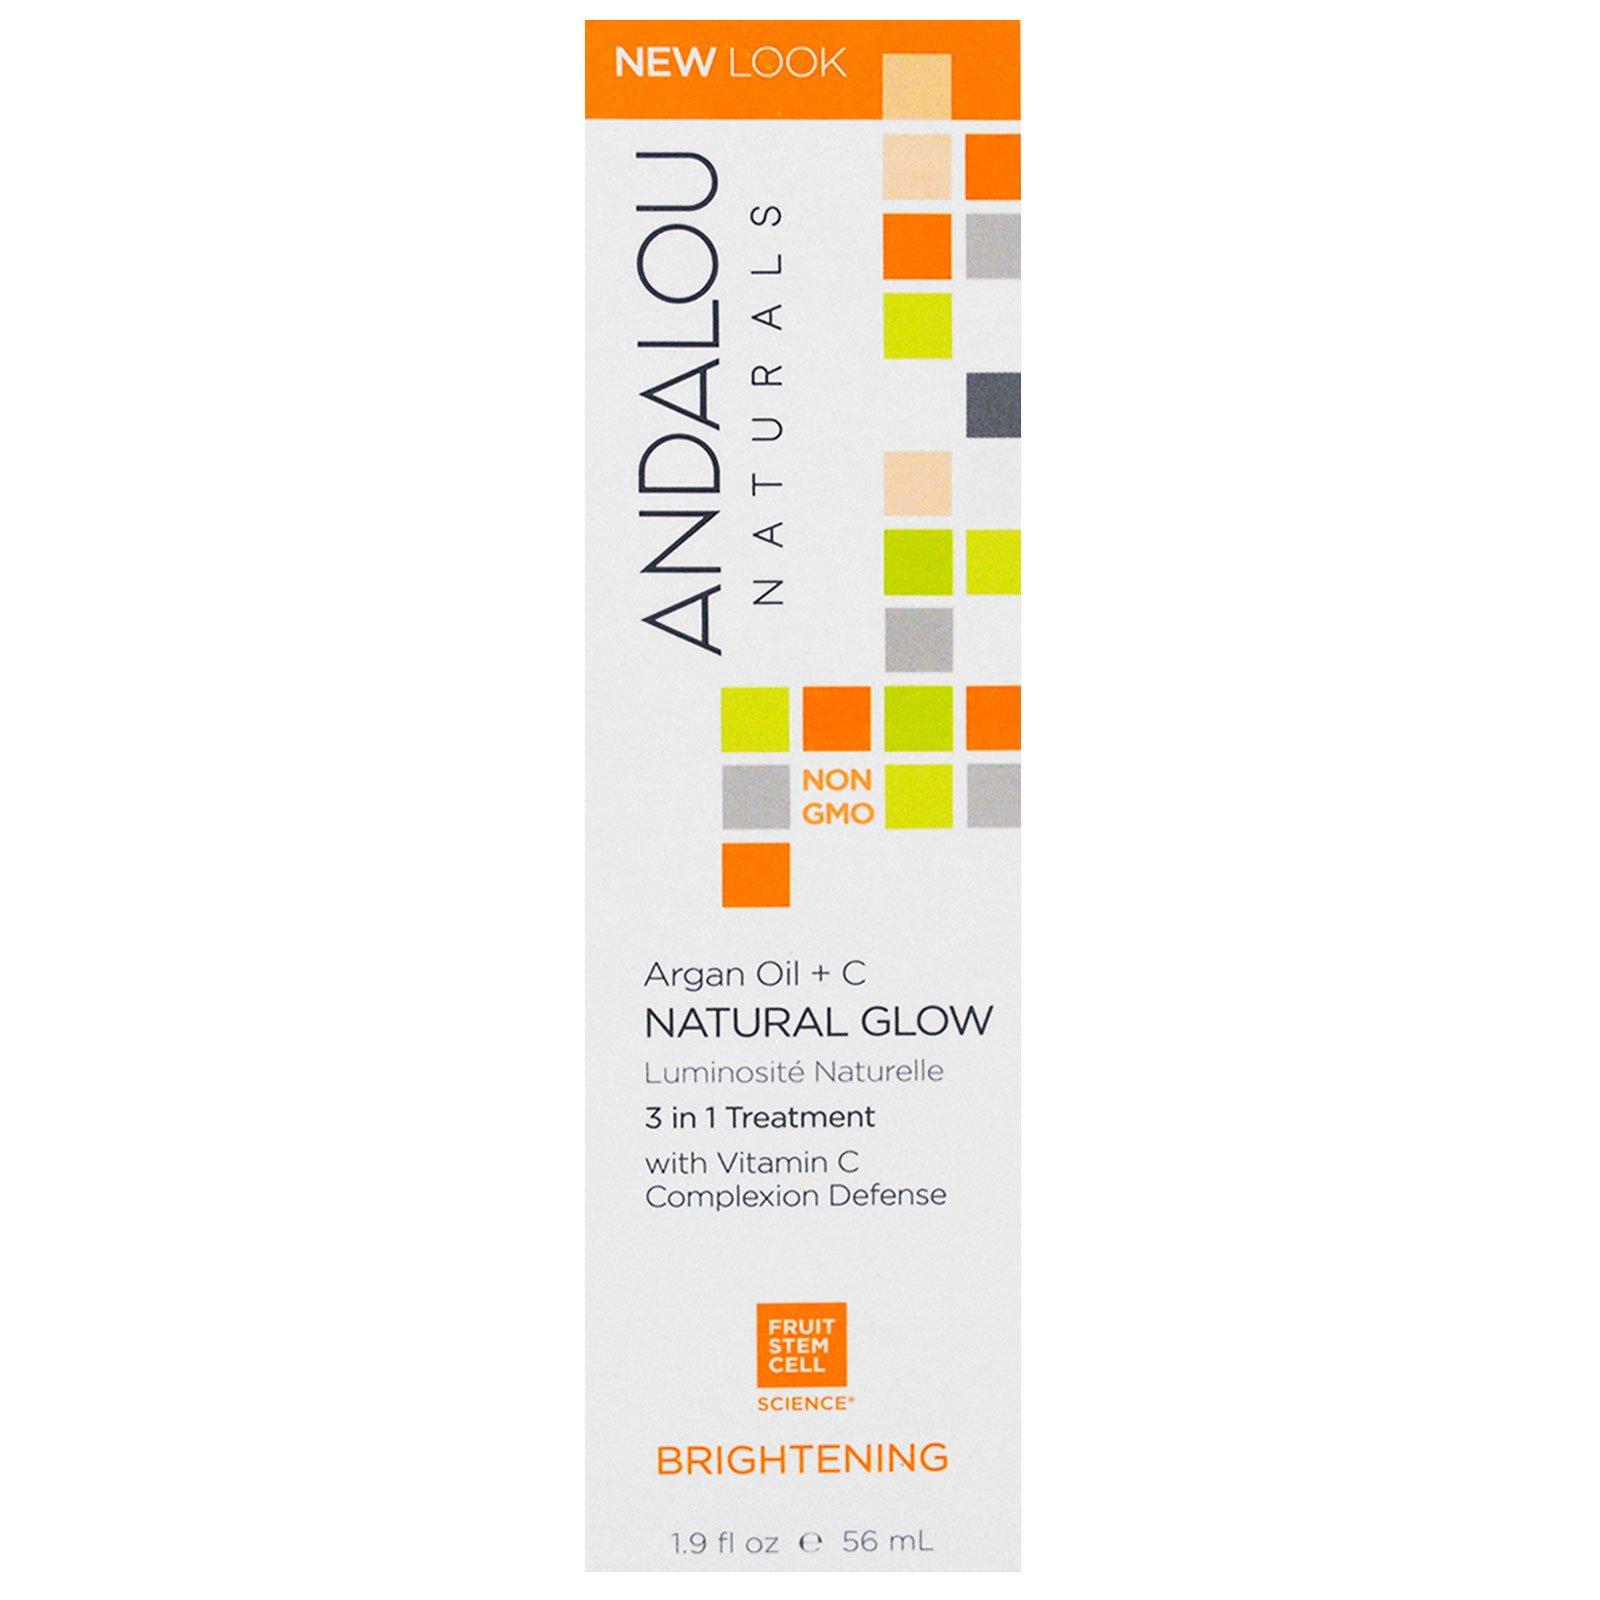 Andalou Naturals, Естественное свечение, 3 в 1 Лечение, Аргана масло + C, осветление, 1,9 жидких унций (56 мл)